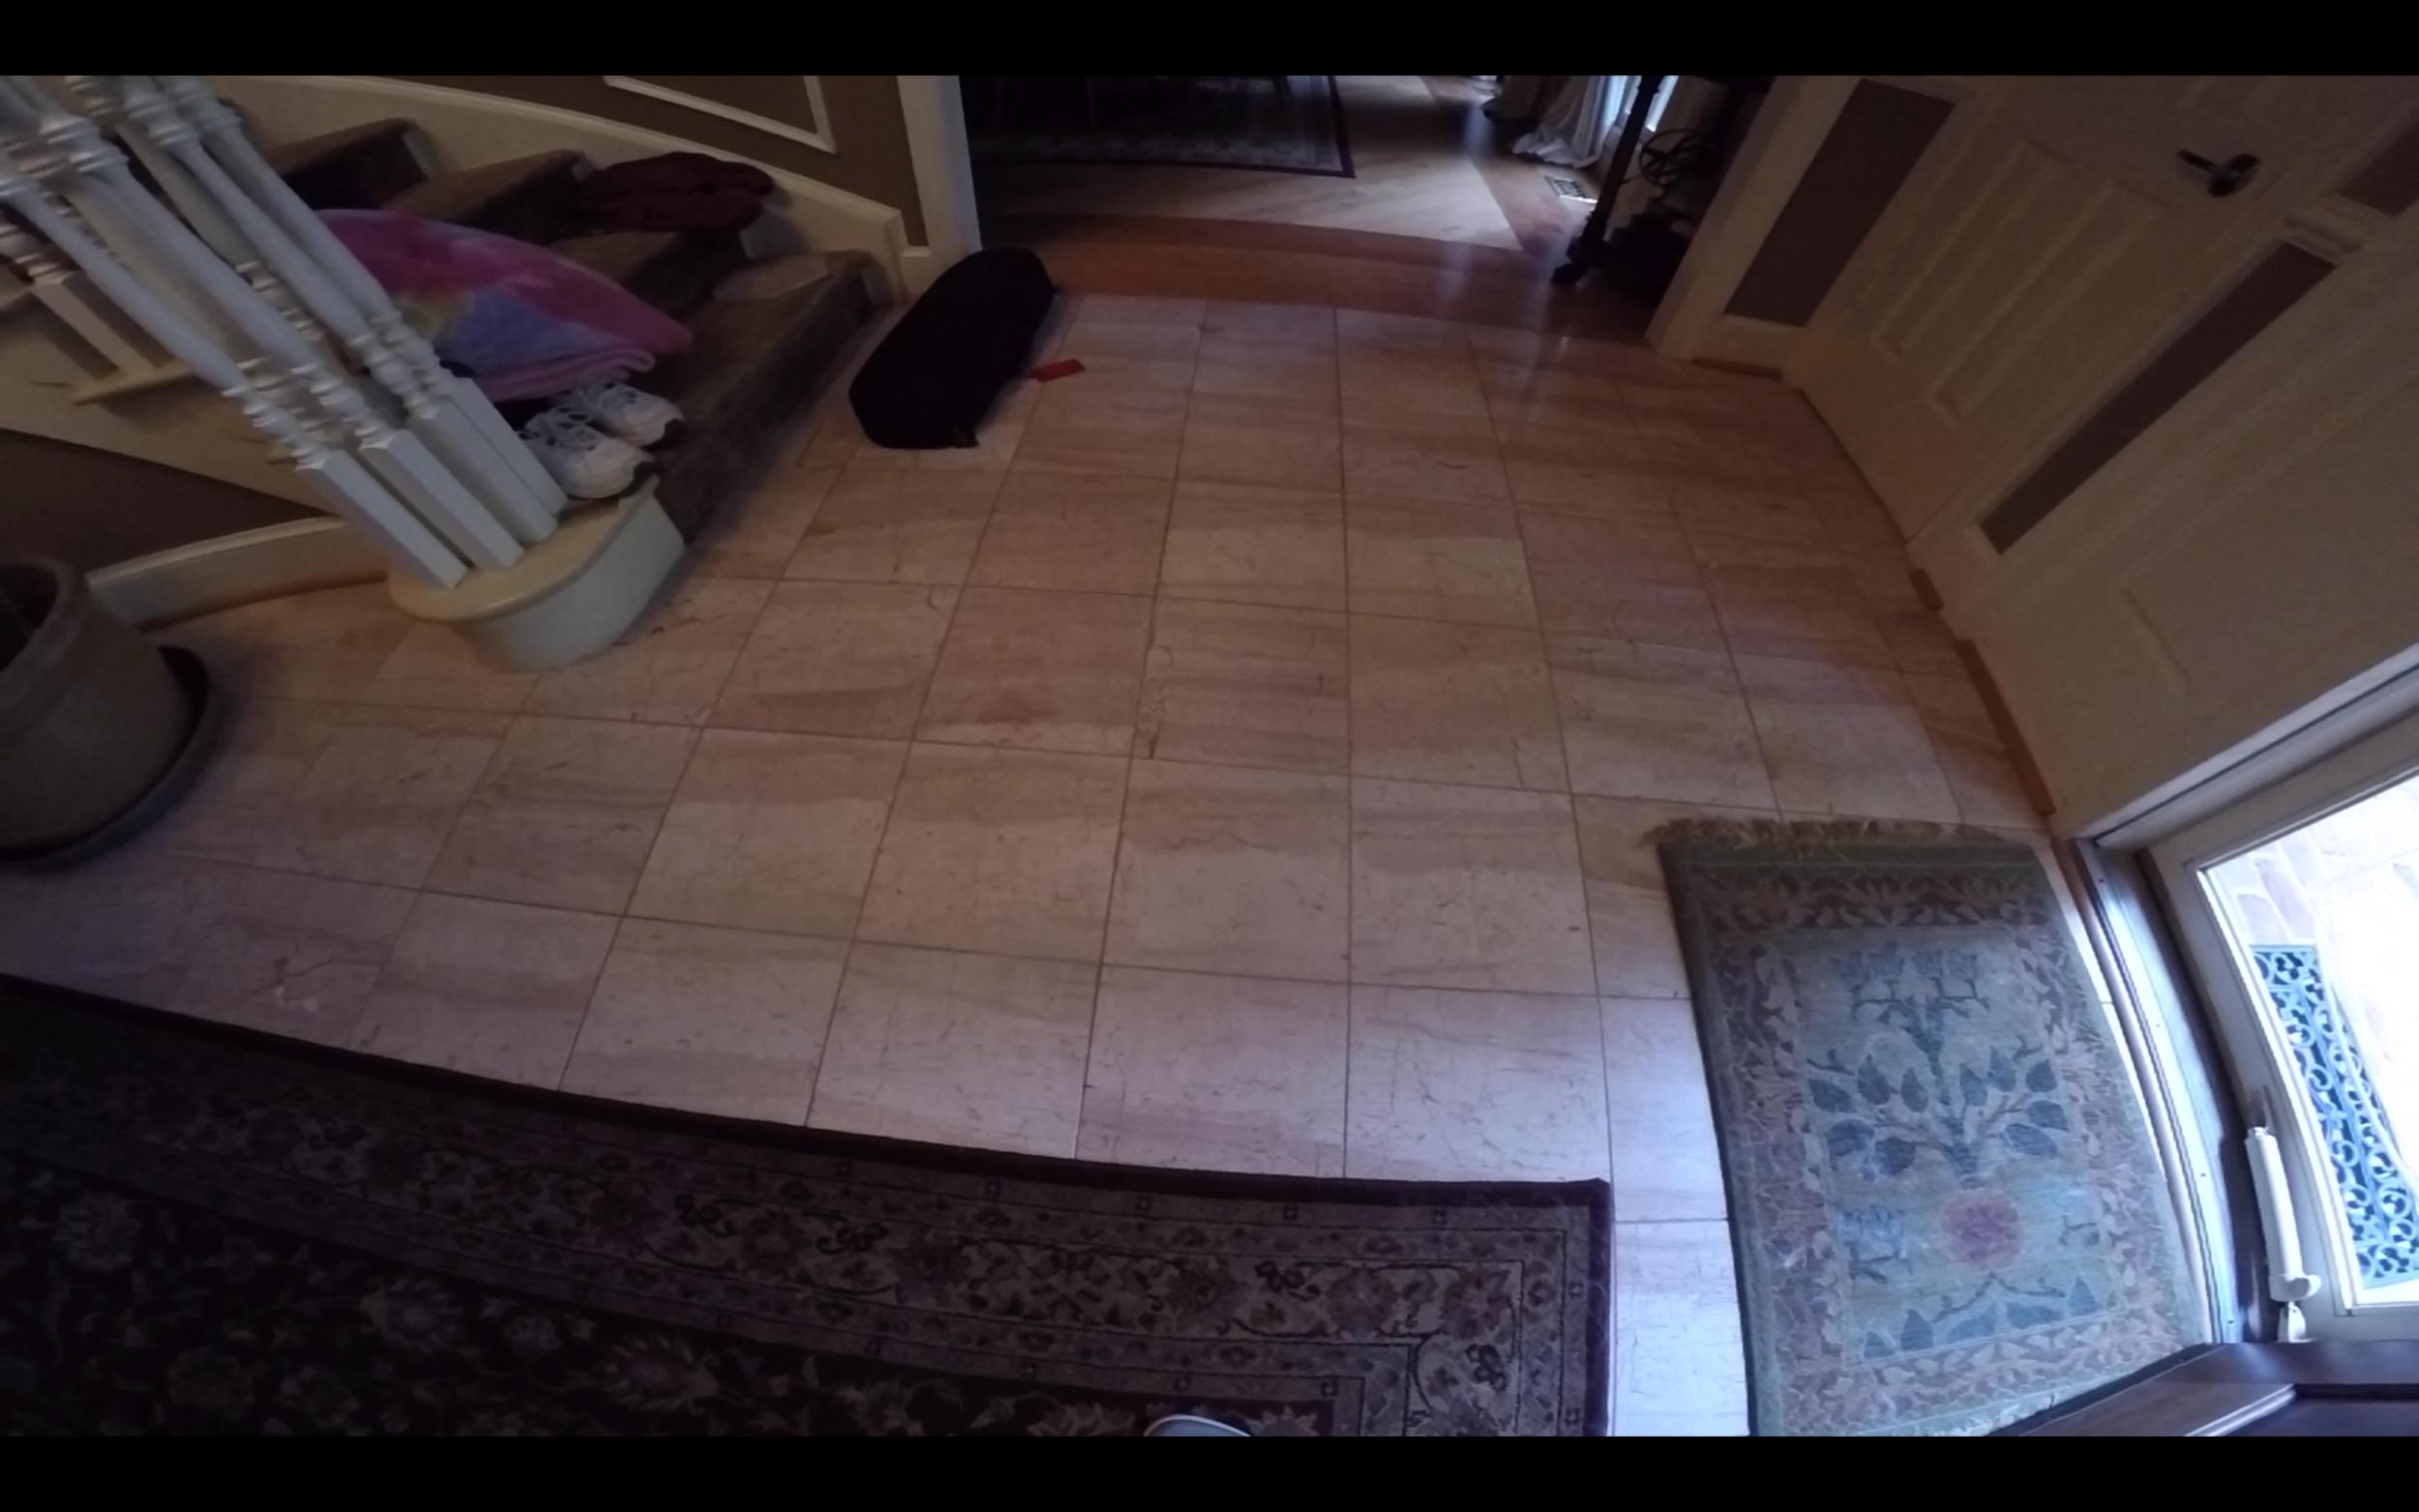 oakton foyer tile floor before 1.png